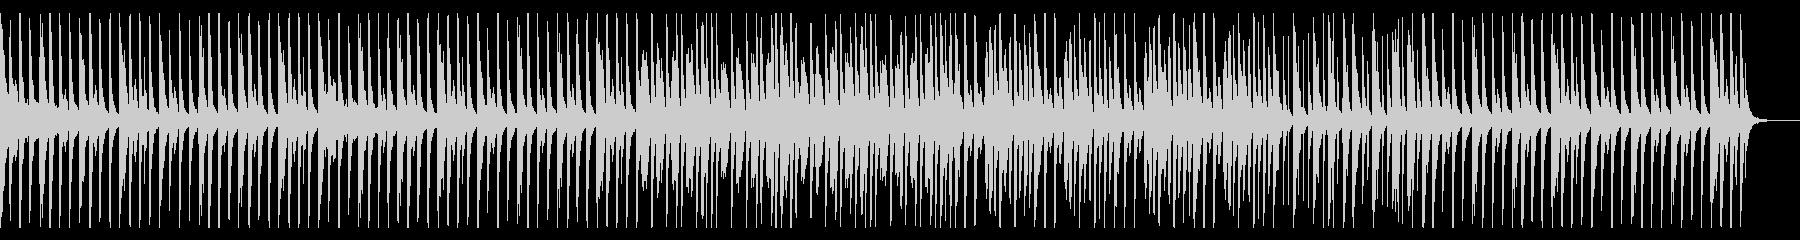 原始時代的なイメージのBGMの未再生の波形